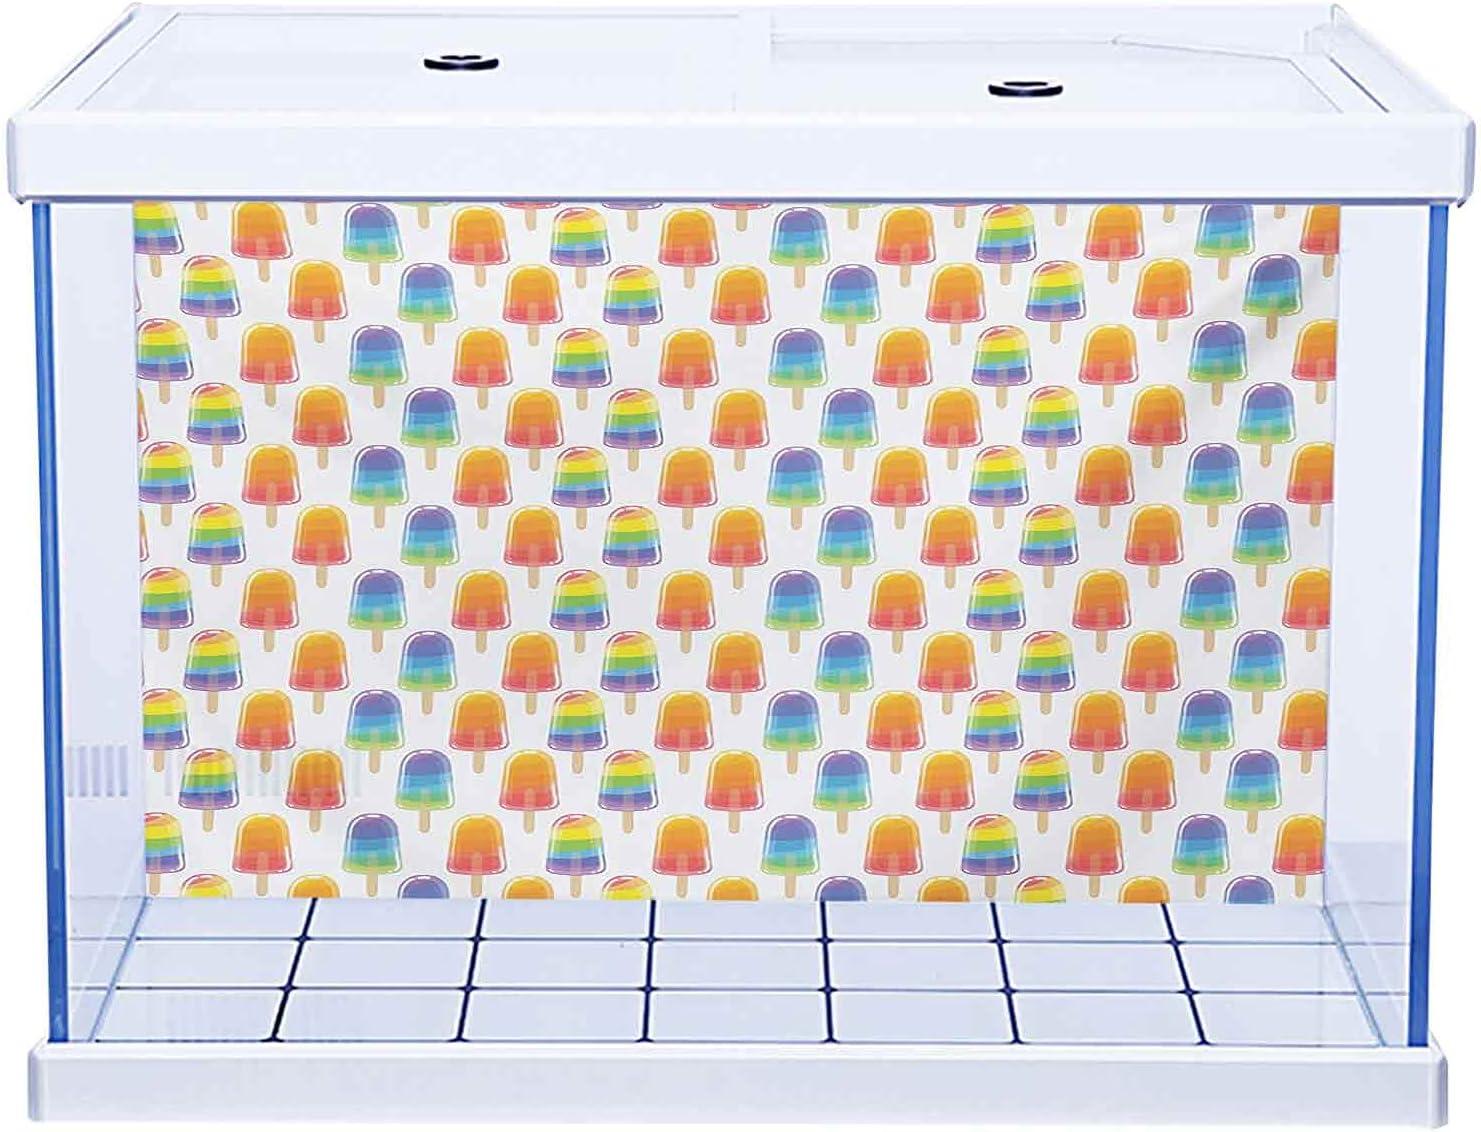 Aquarium Background Excellent Wallpaper Sticker Limited price sale Ice Orange Rainb and Cream